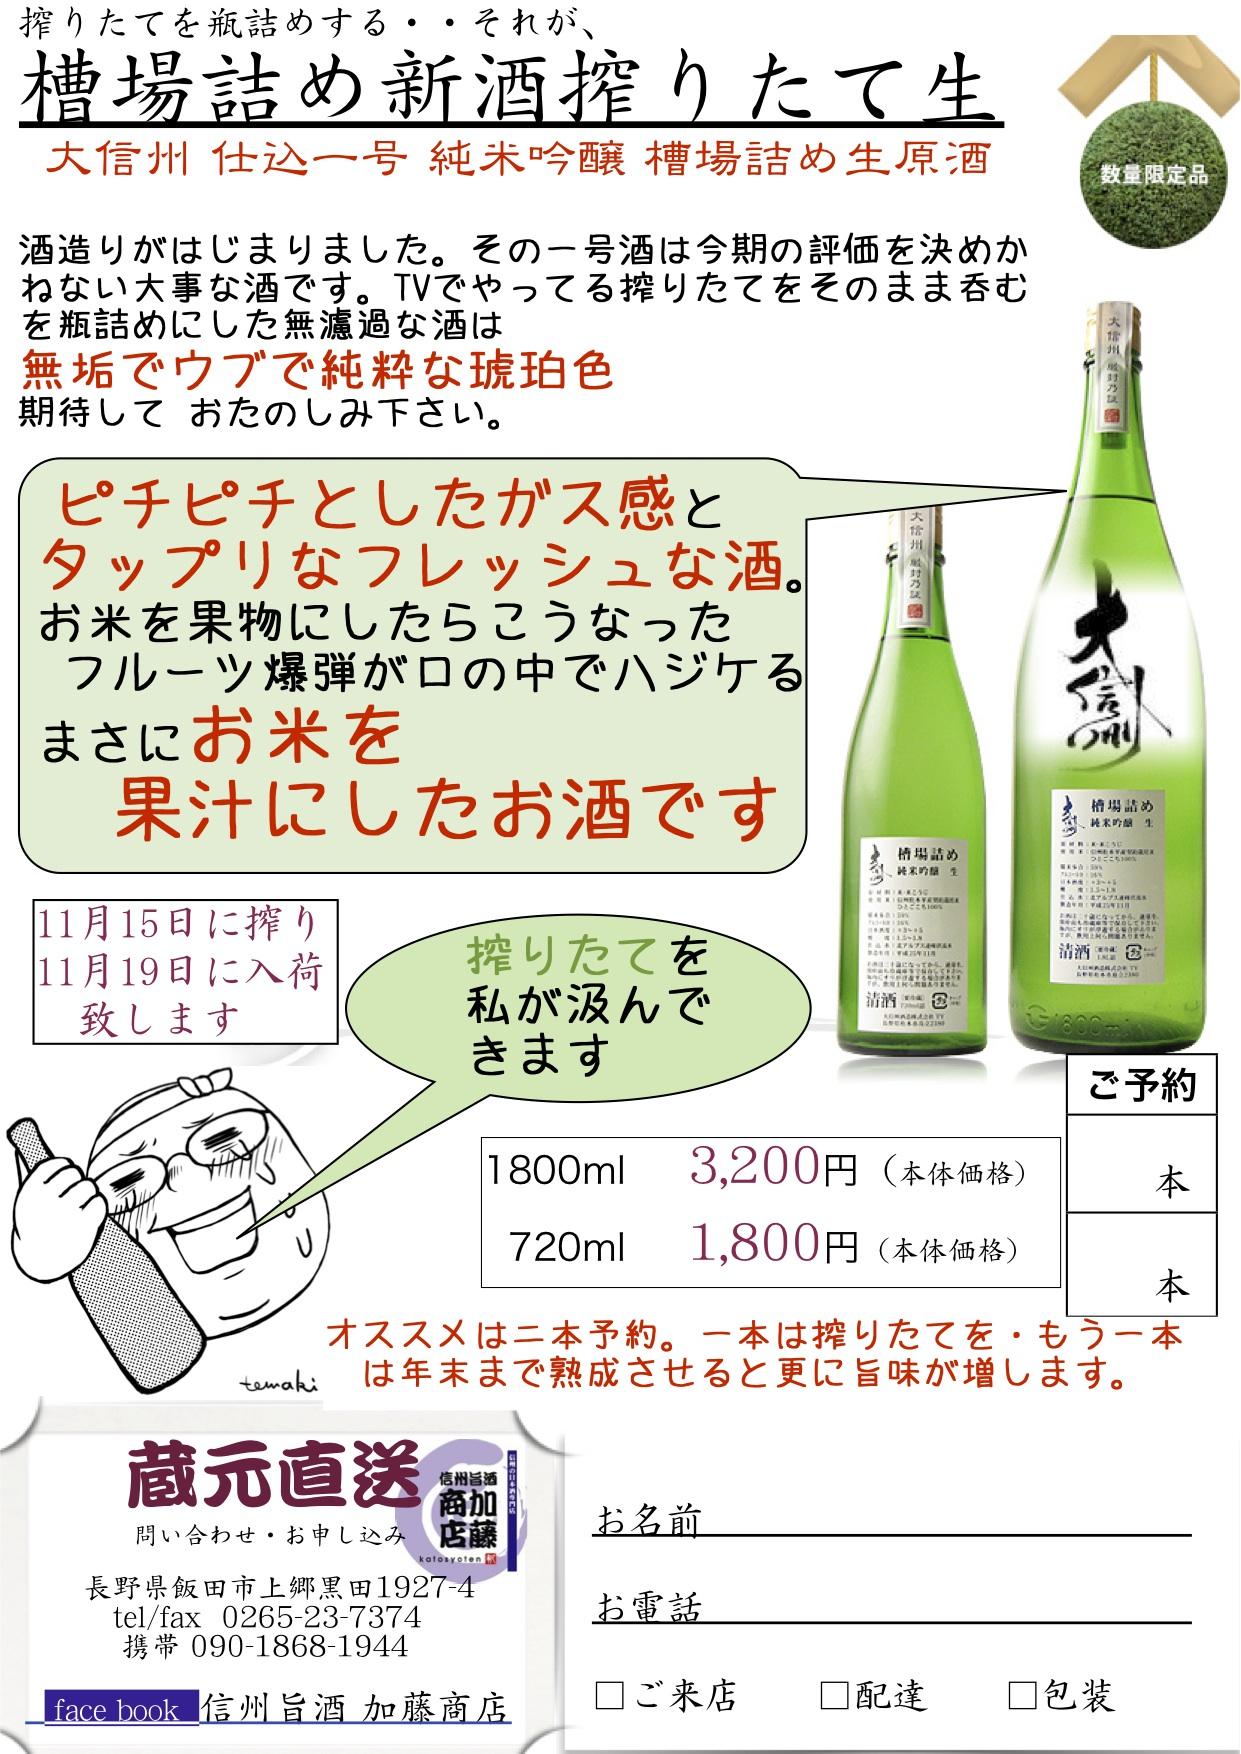 """""""槽場詰め・商品案内""""のプレビュー"""